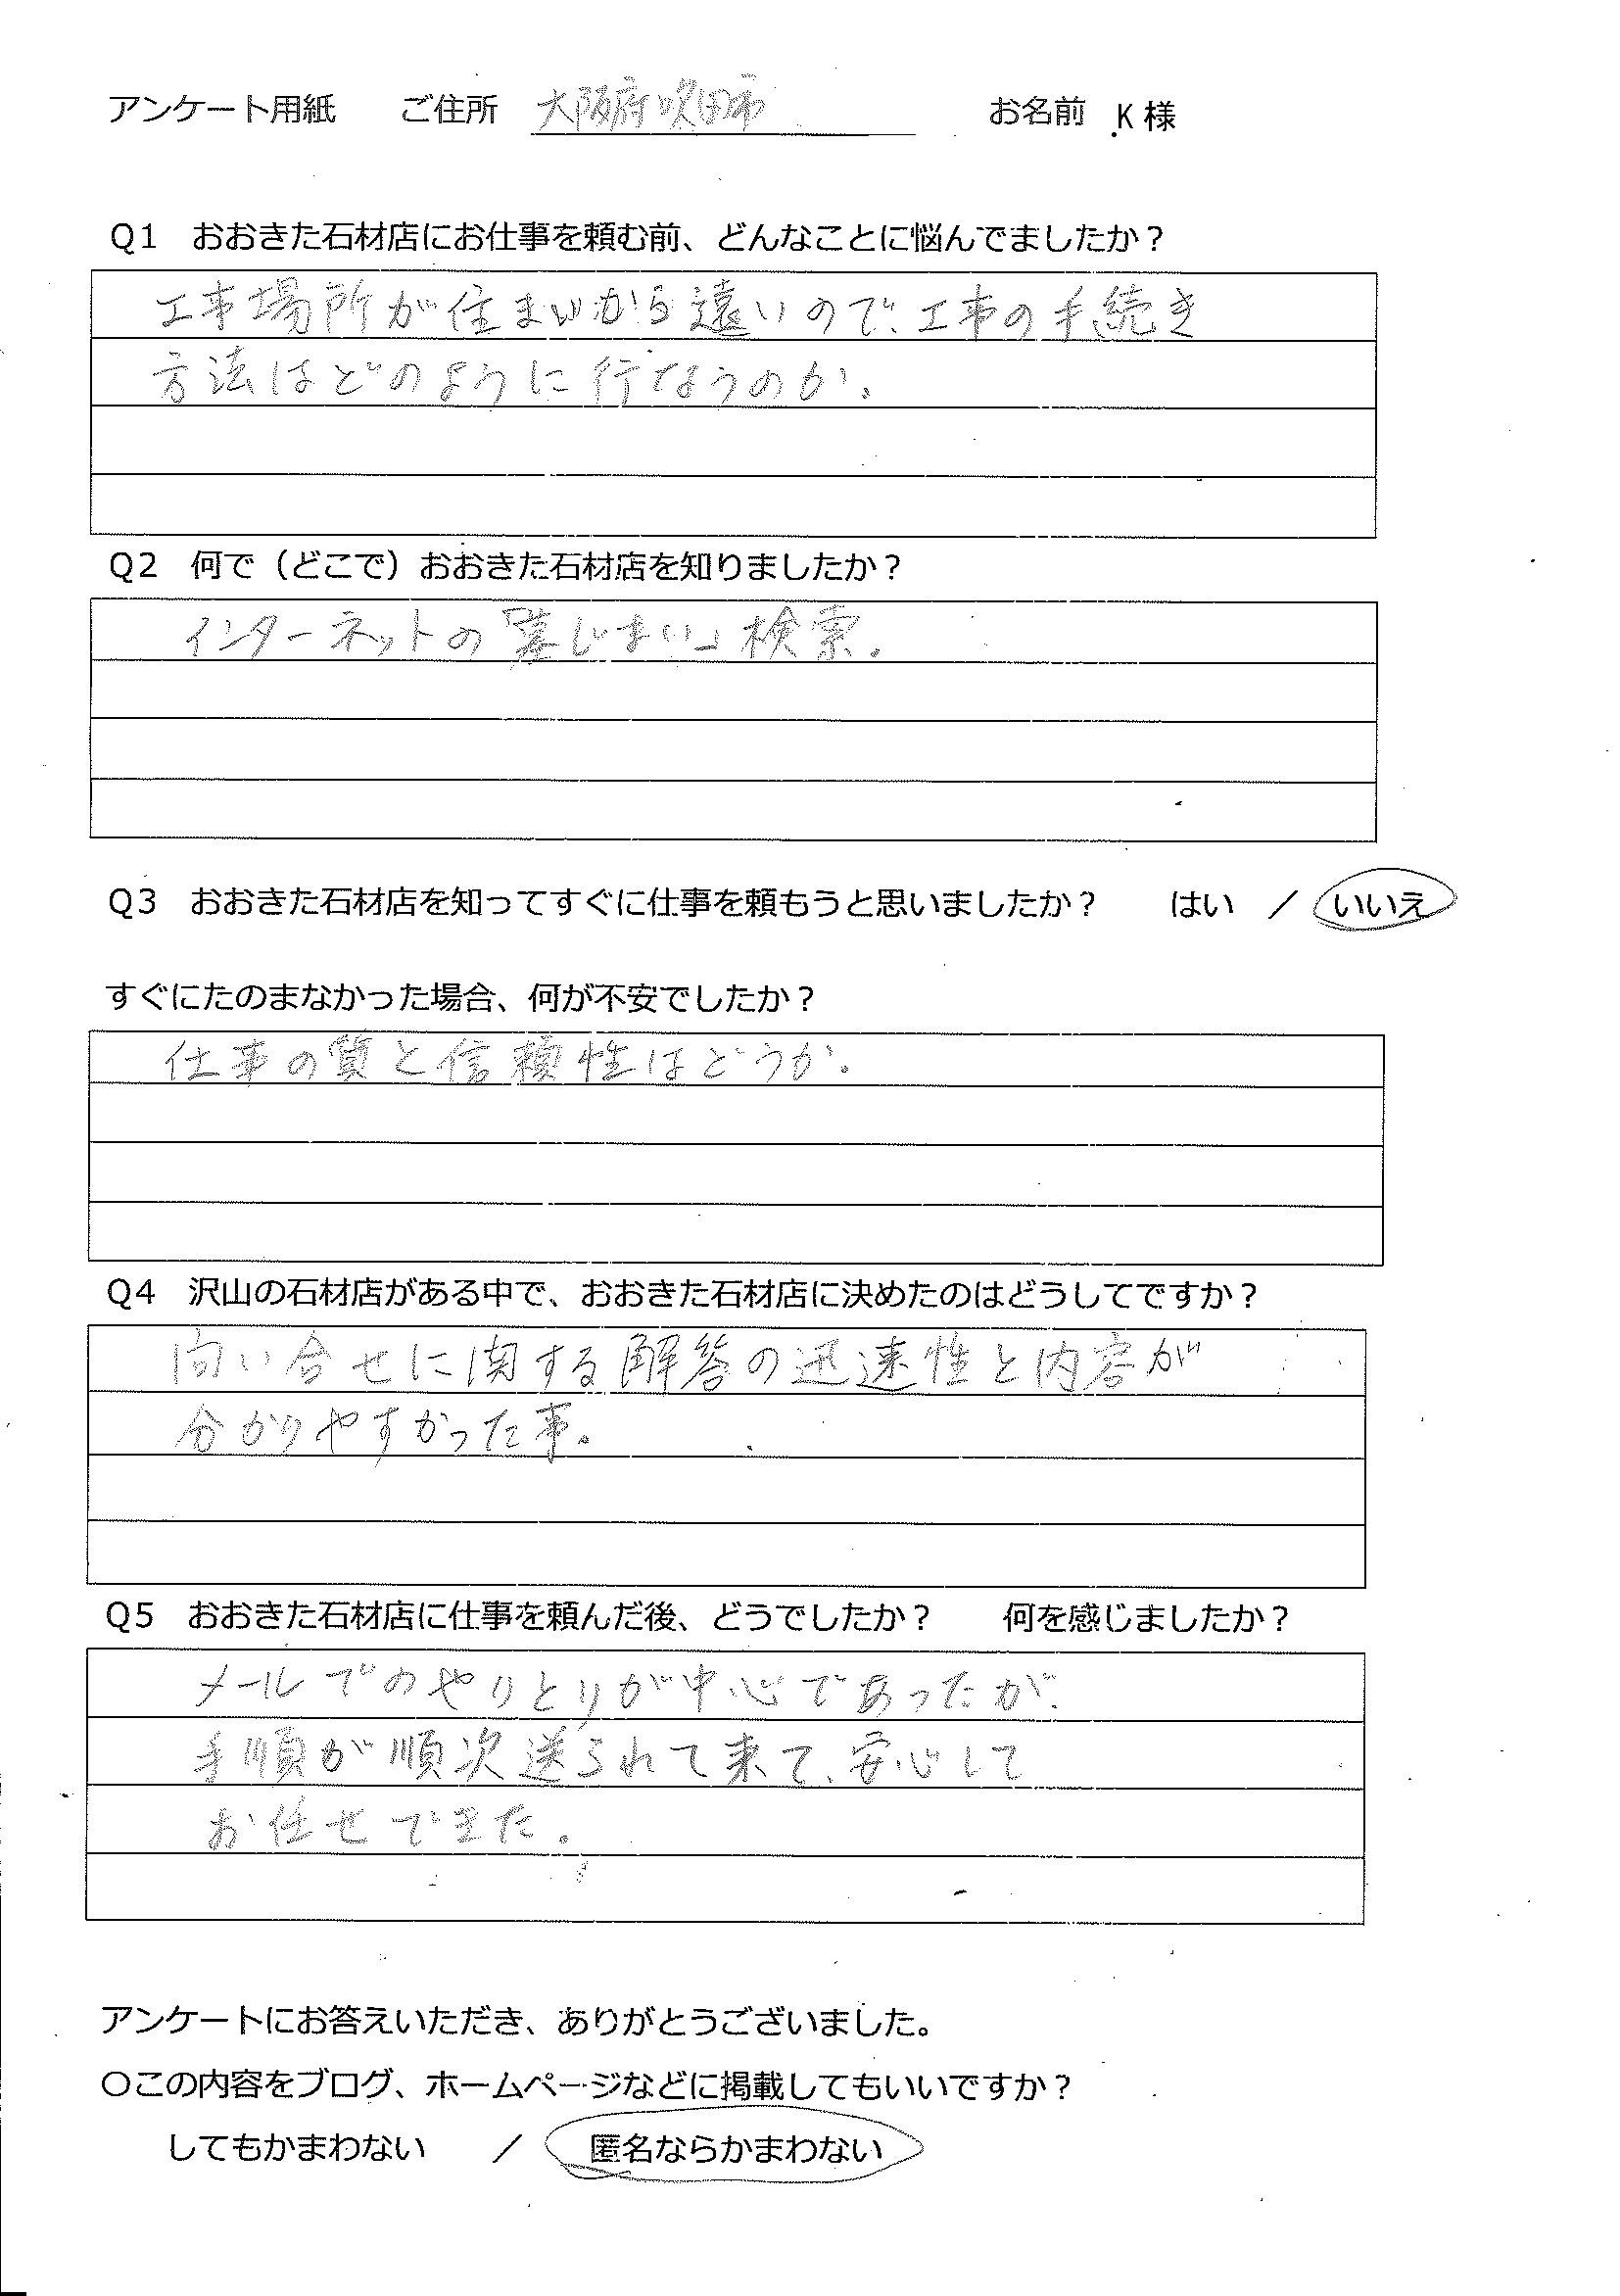 2018-12-10岸本様